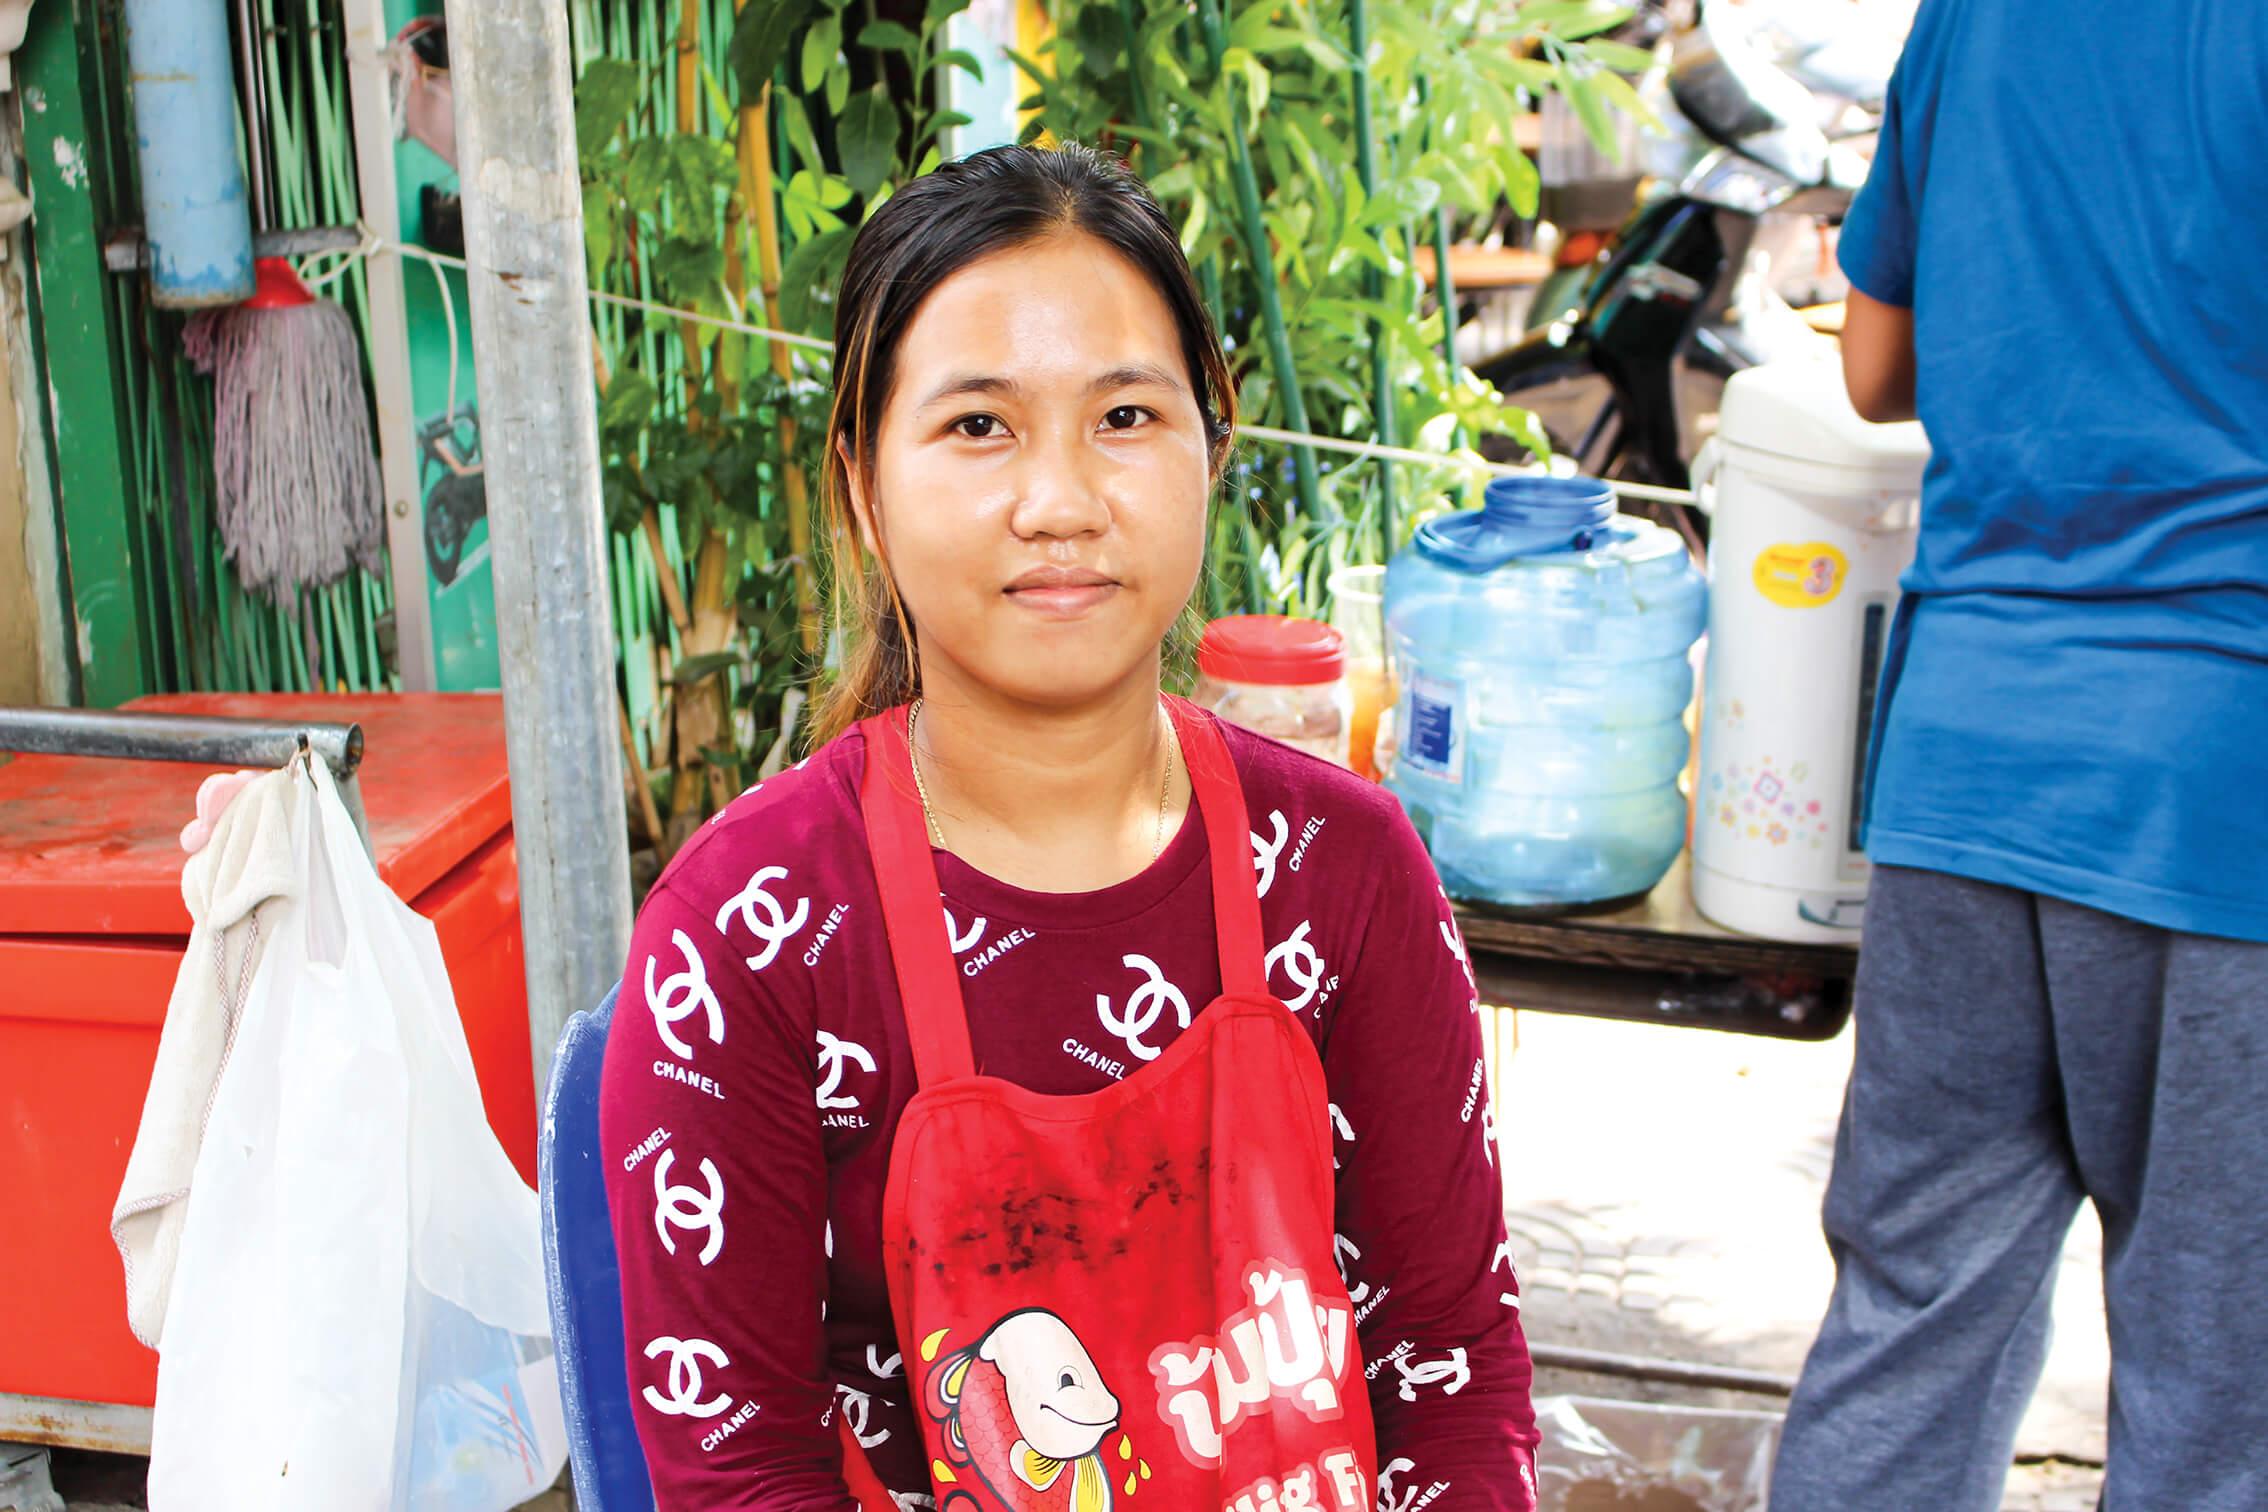 【カンボジア人のお仕事紹介64】路上のコーヒー販売